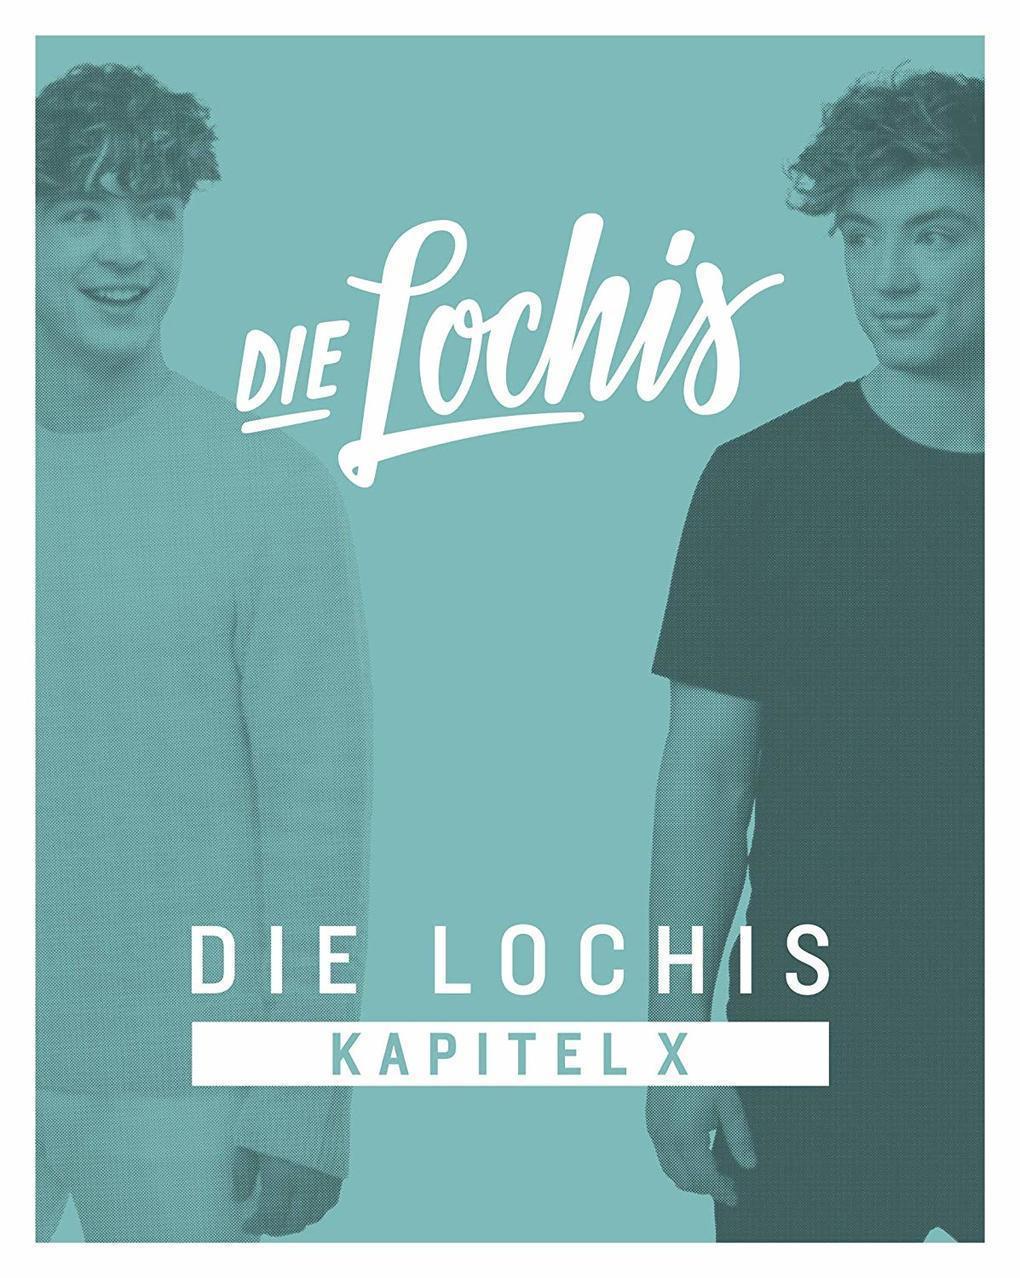 Kapitel X (Special Edition) (Die Lochis) für 24,99 Euro